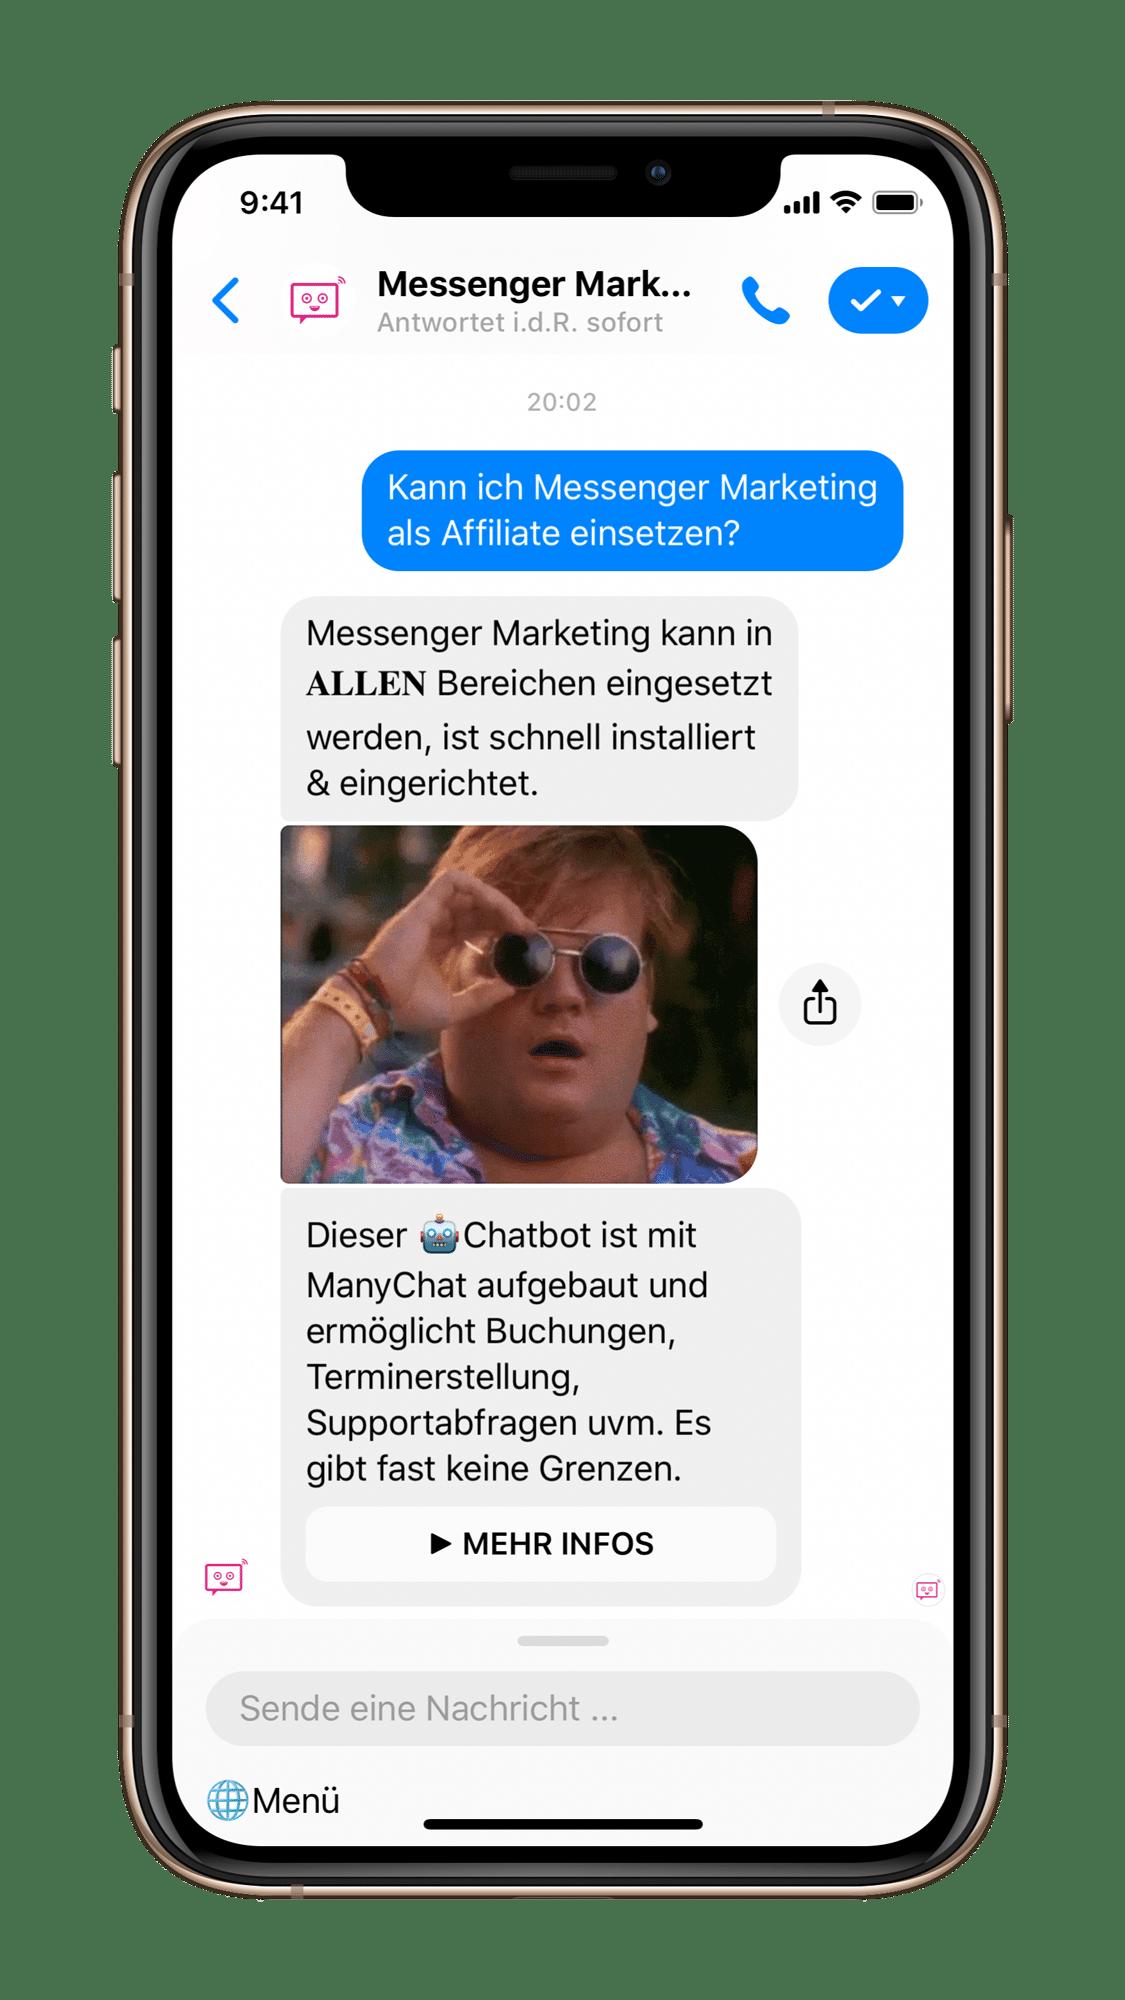 Einsatzmöglichkeiten für Chatbots